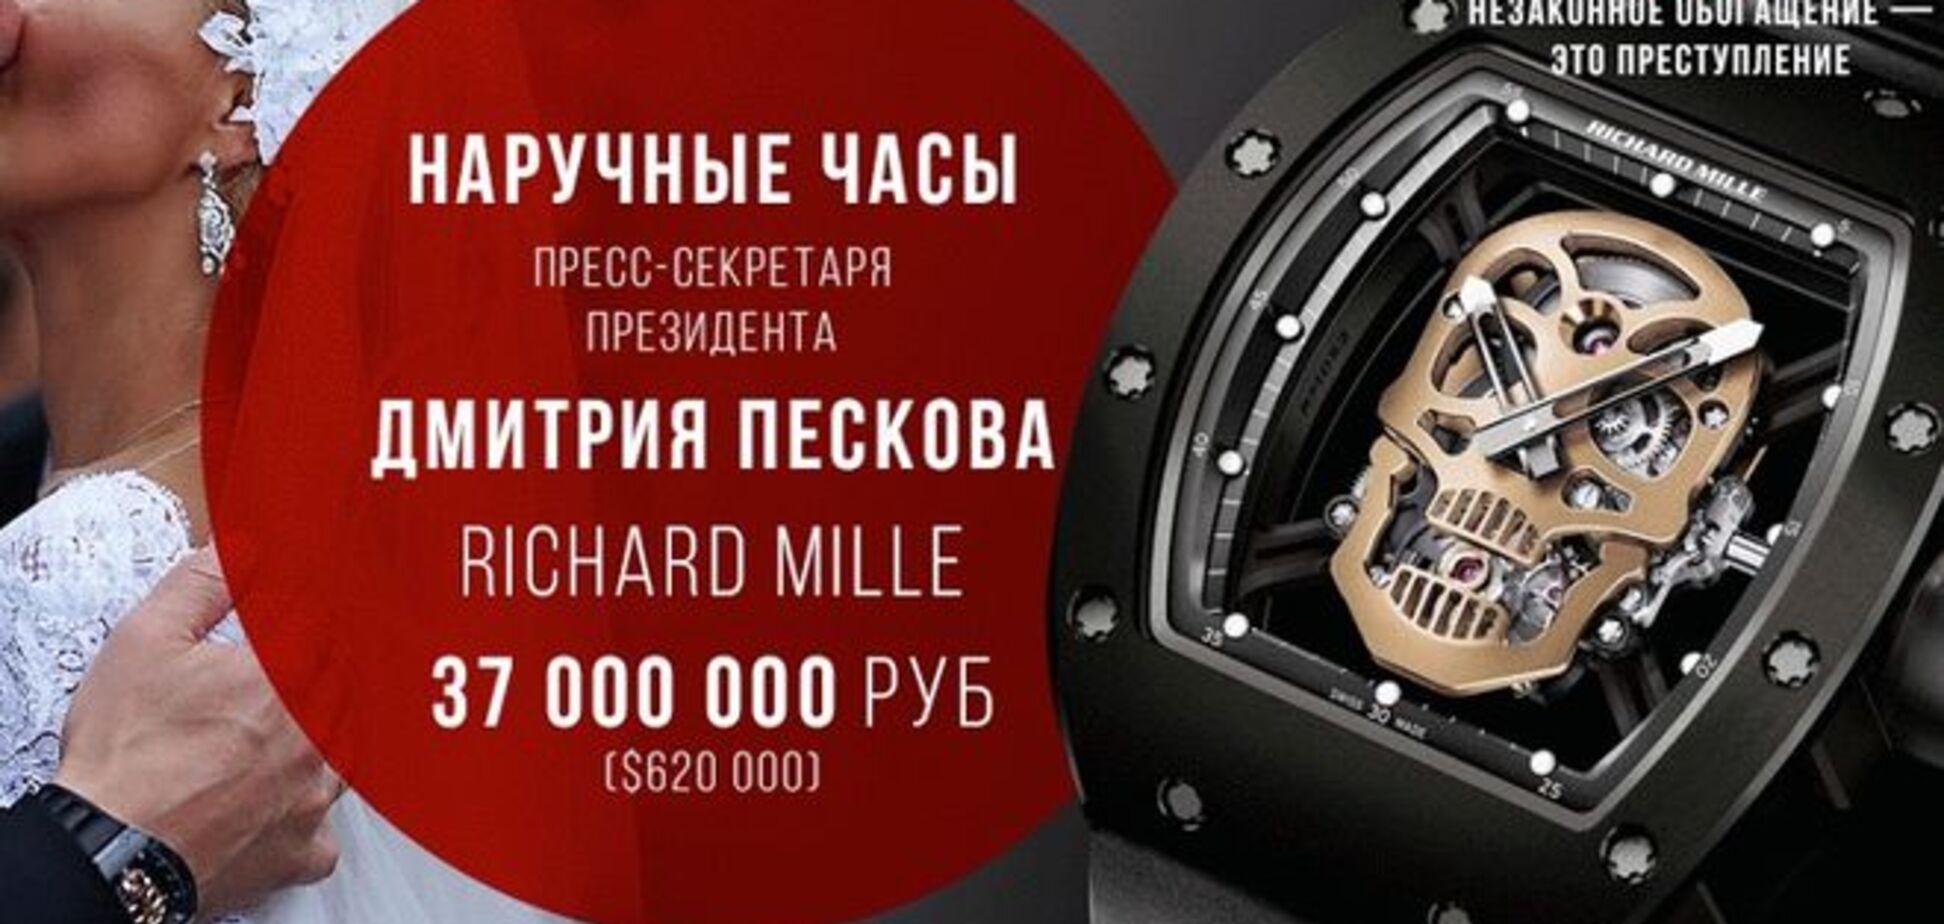 'Бедный' Песков засветил часы за 37 миллионов: фотофакт